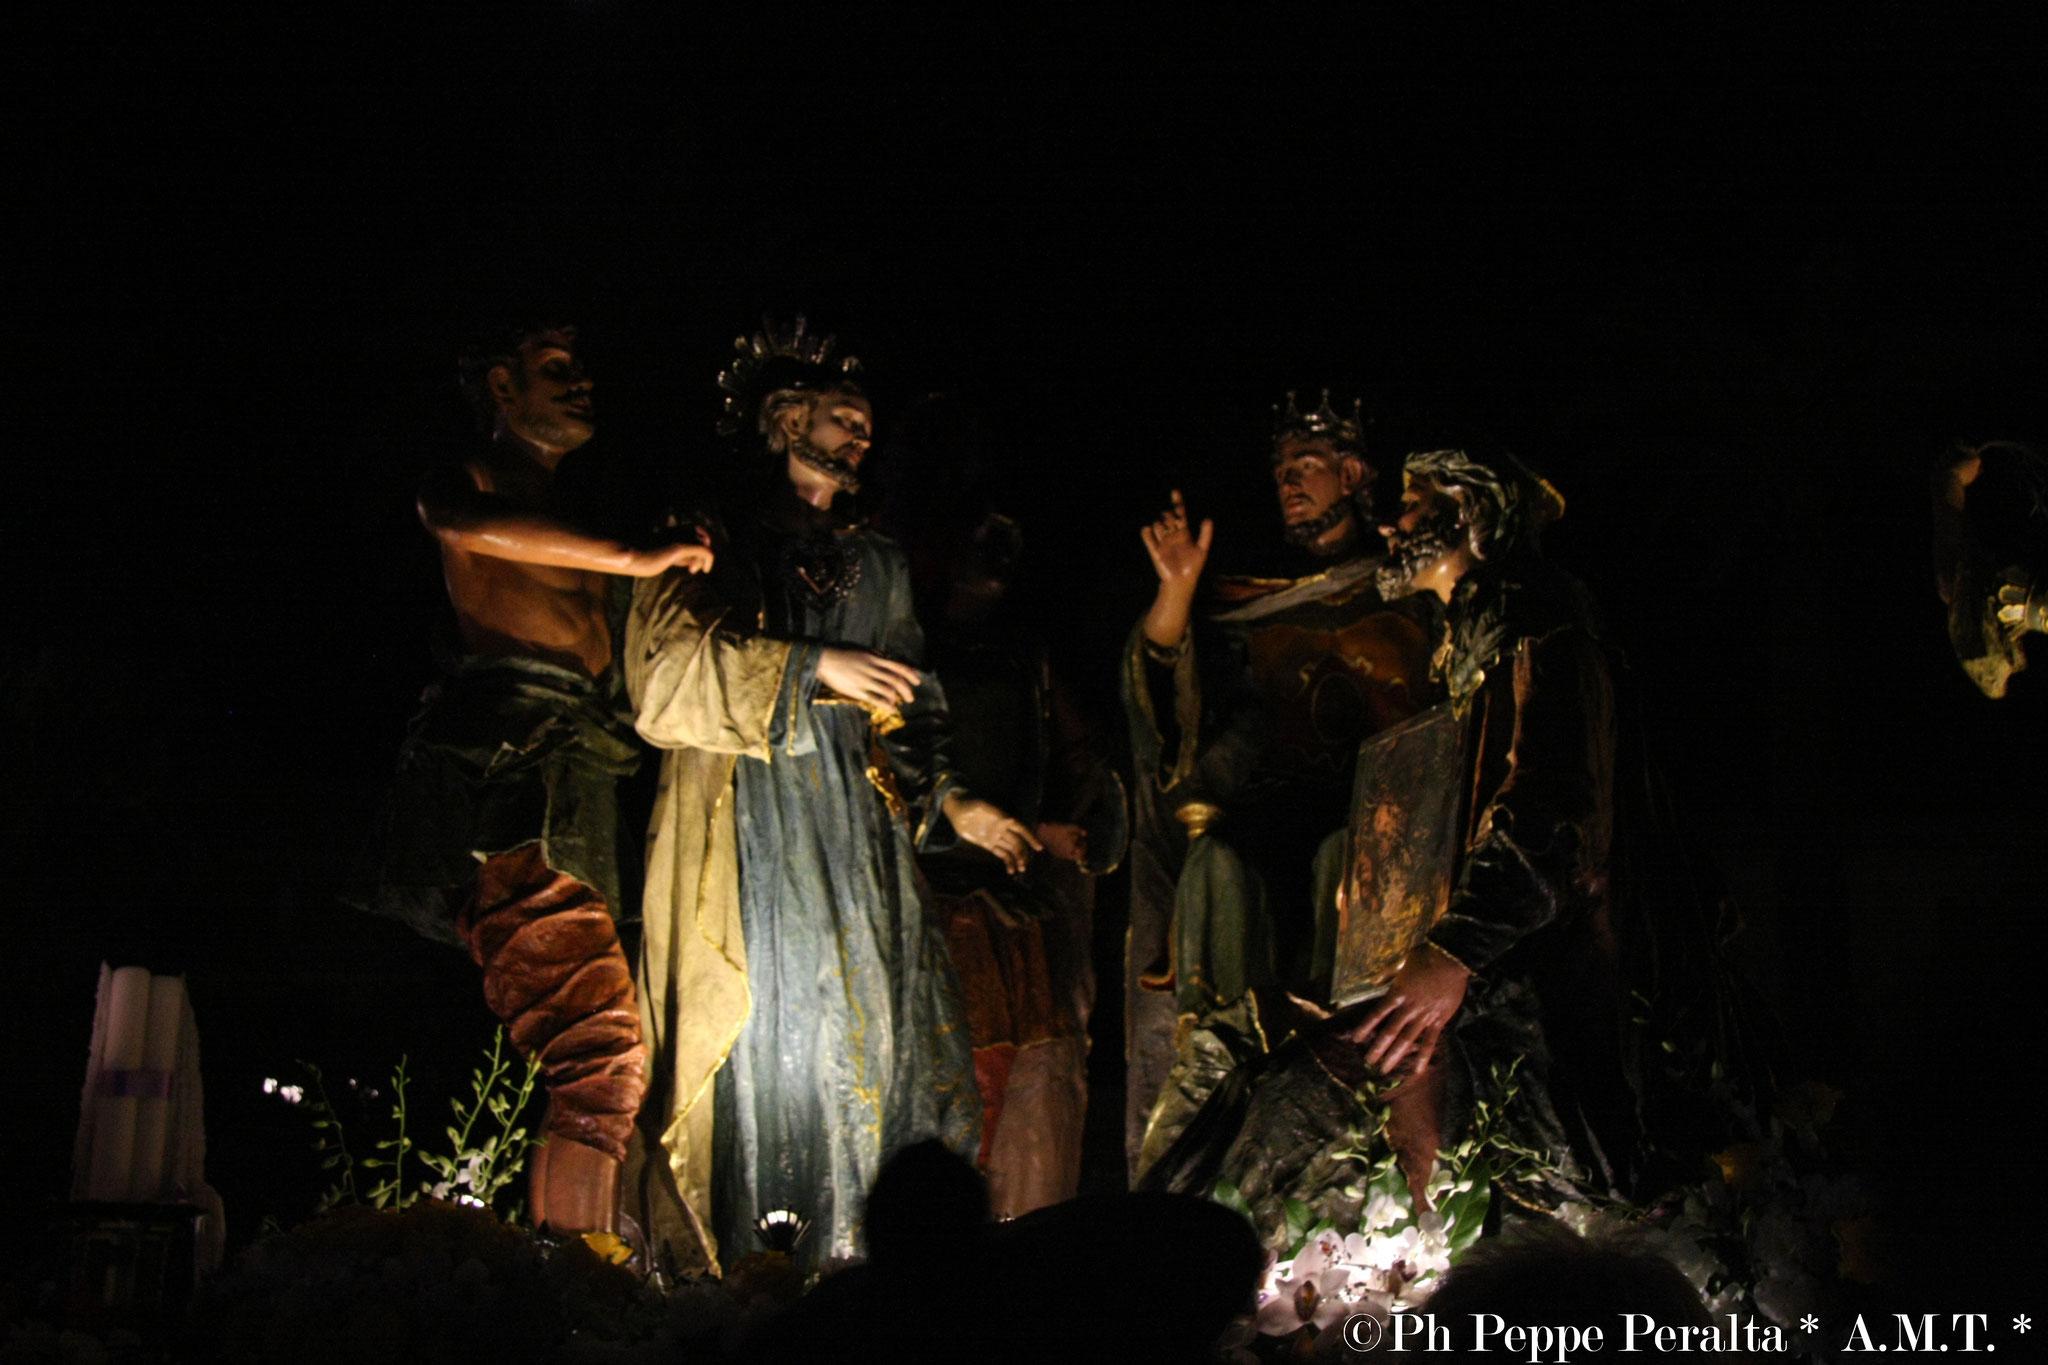 Gesù Dinanzi ad Erode - Ceto Pescivendoli